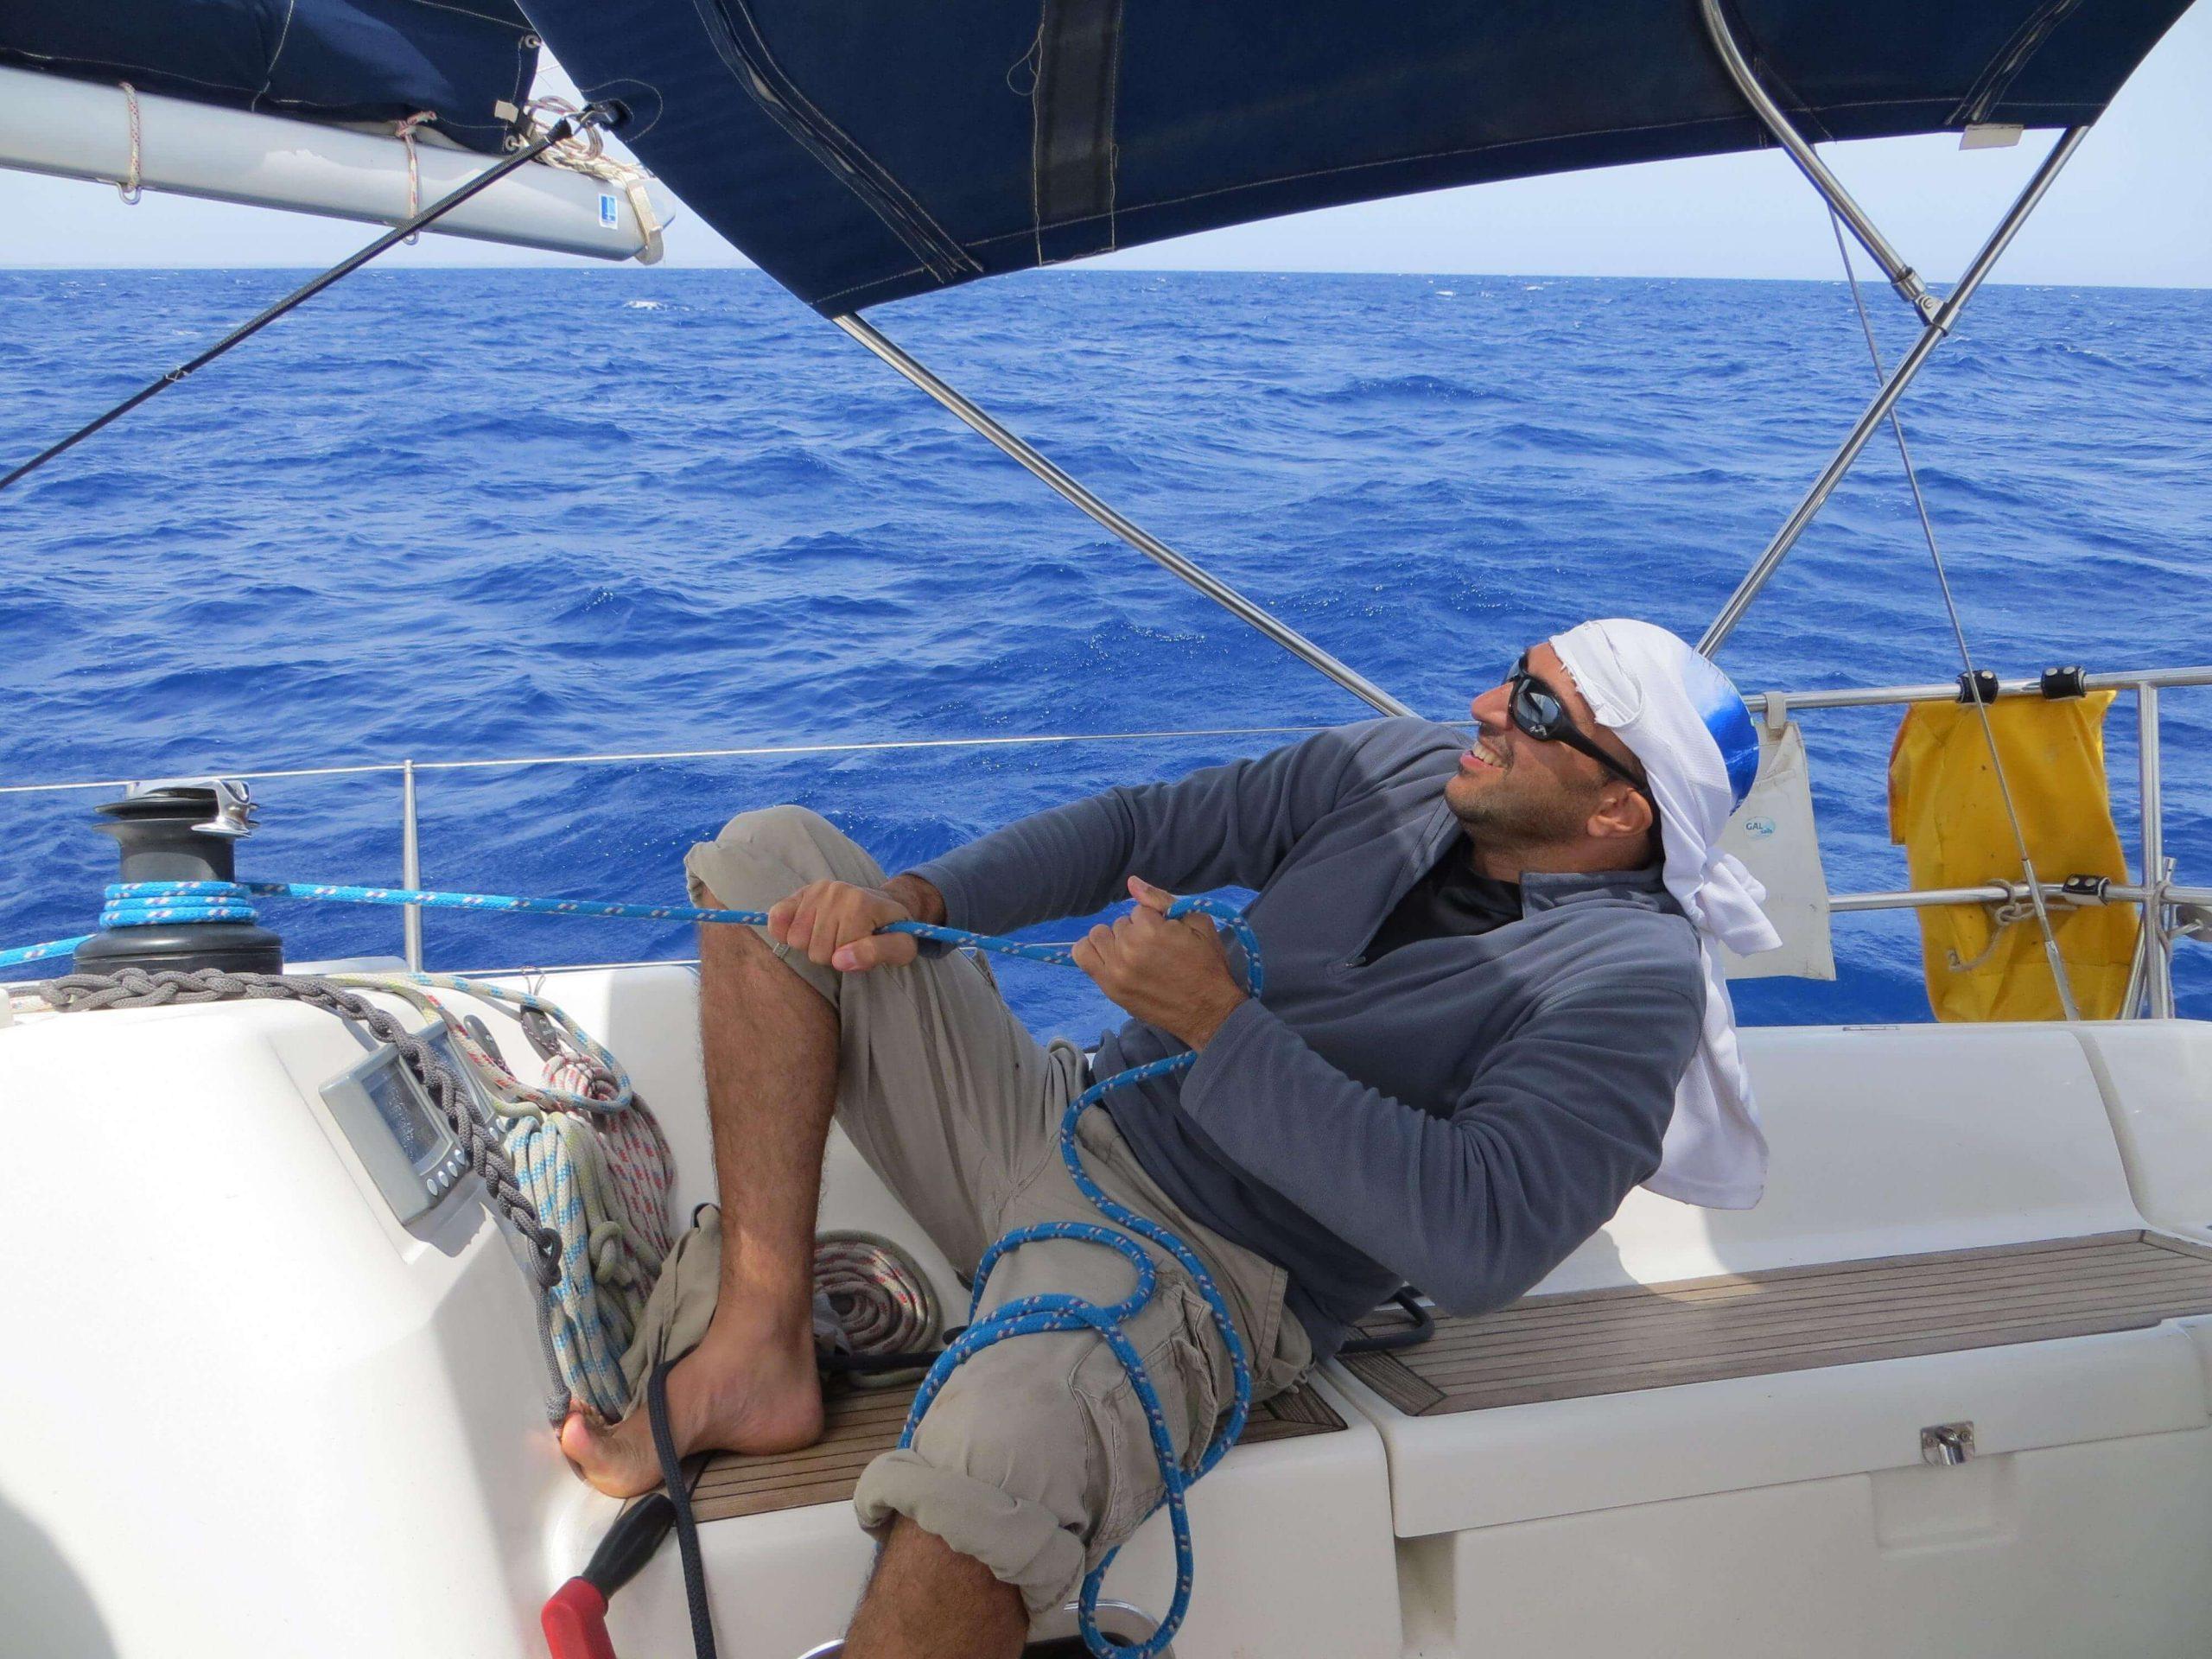 הפלגה לקפריסין תמונה מלב ים